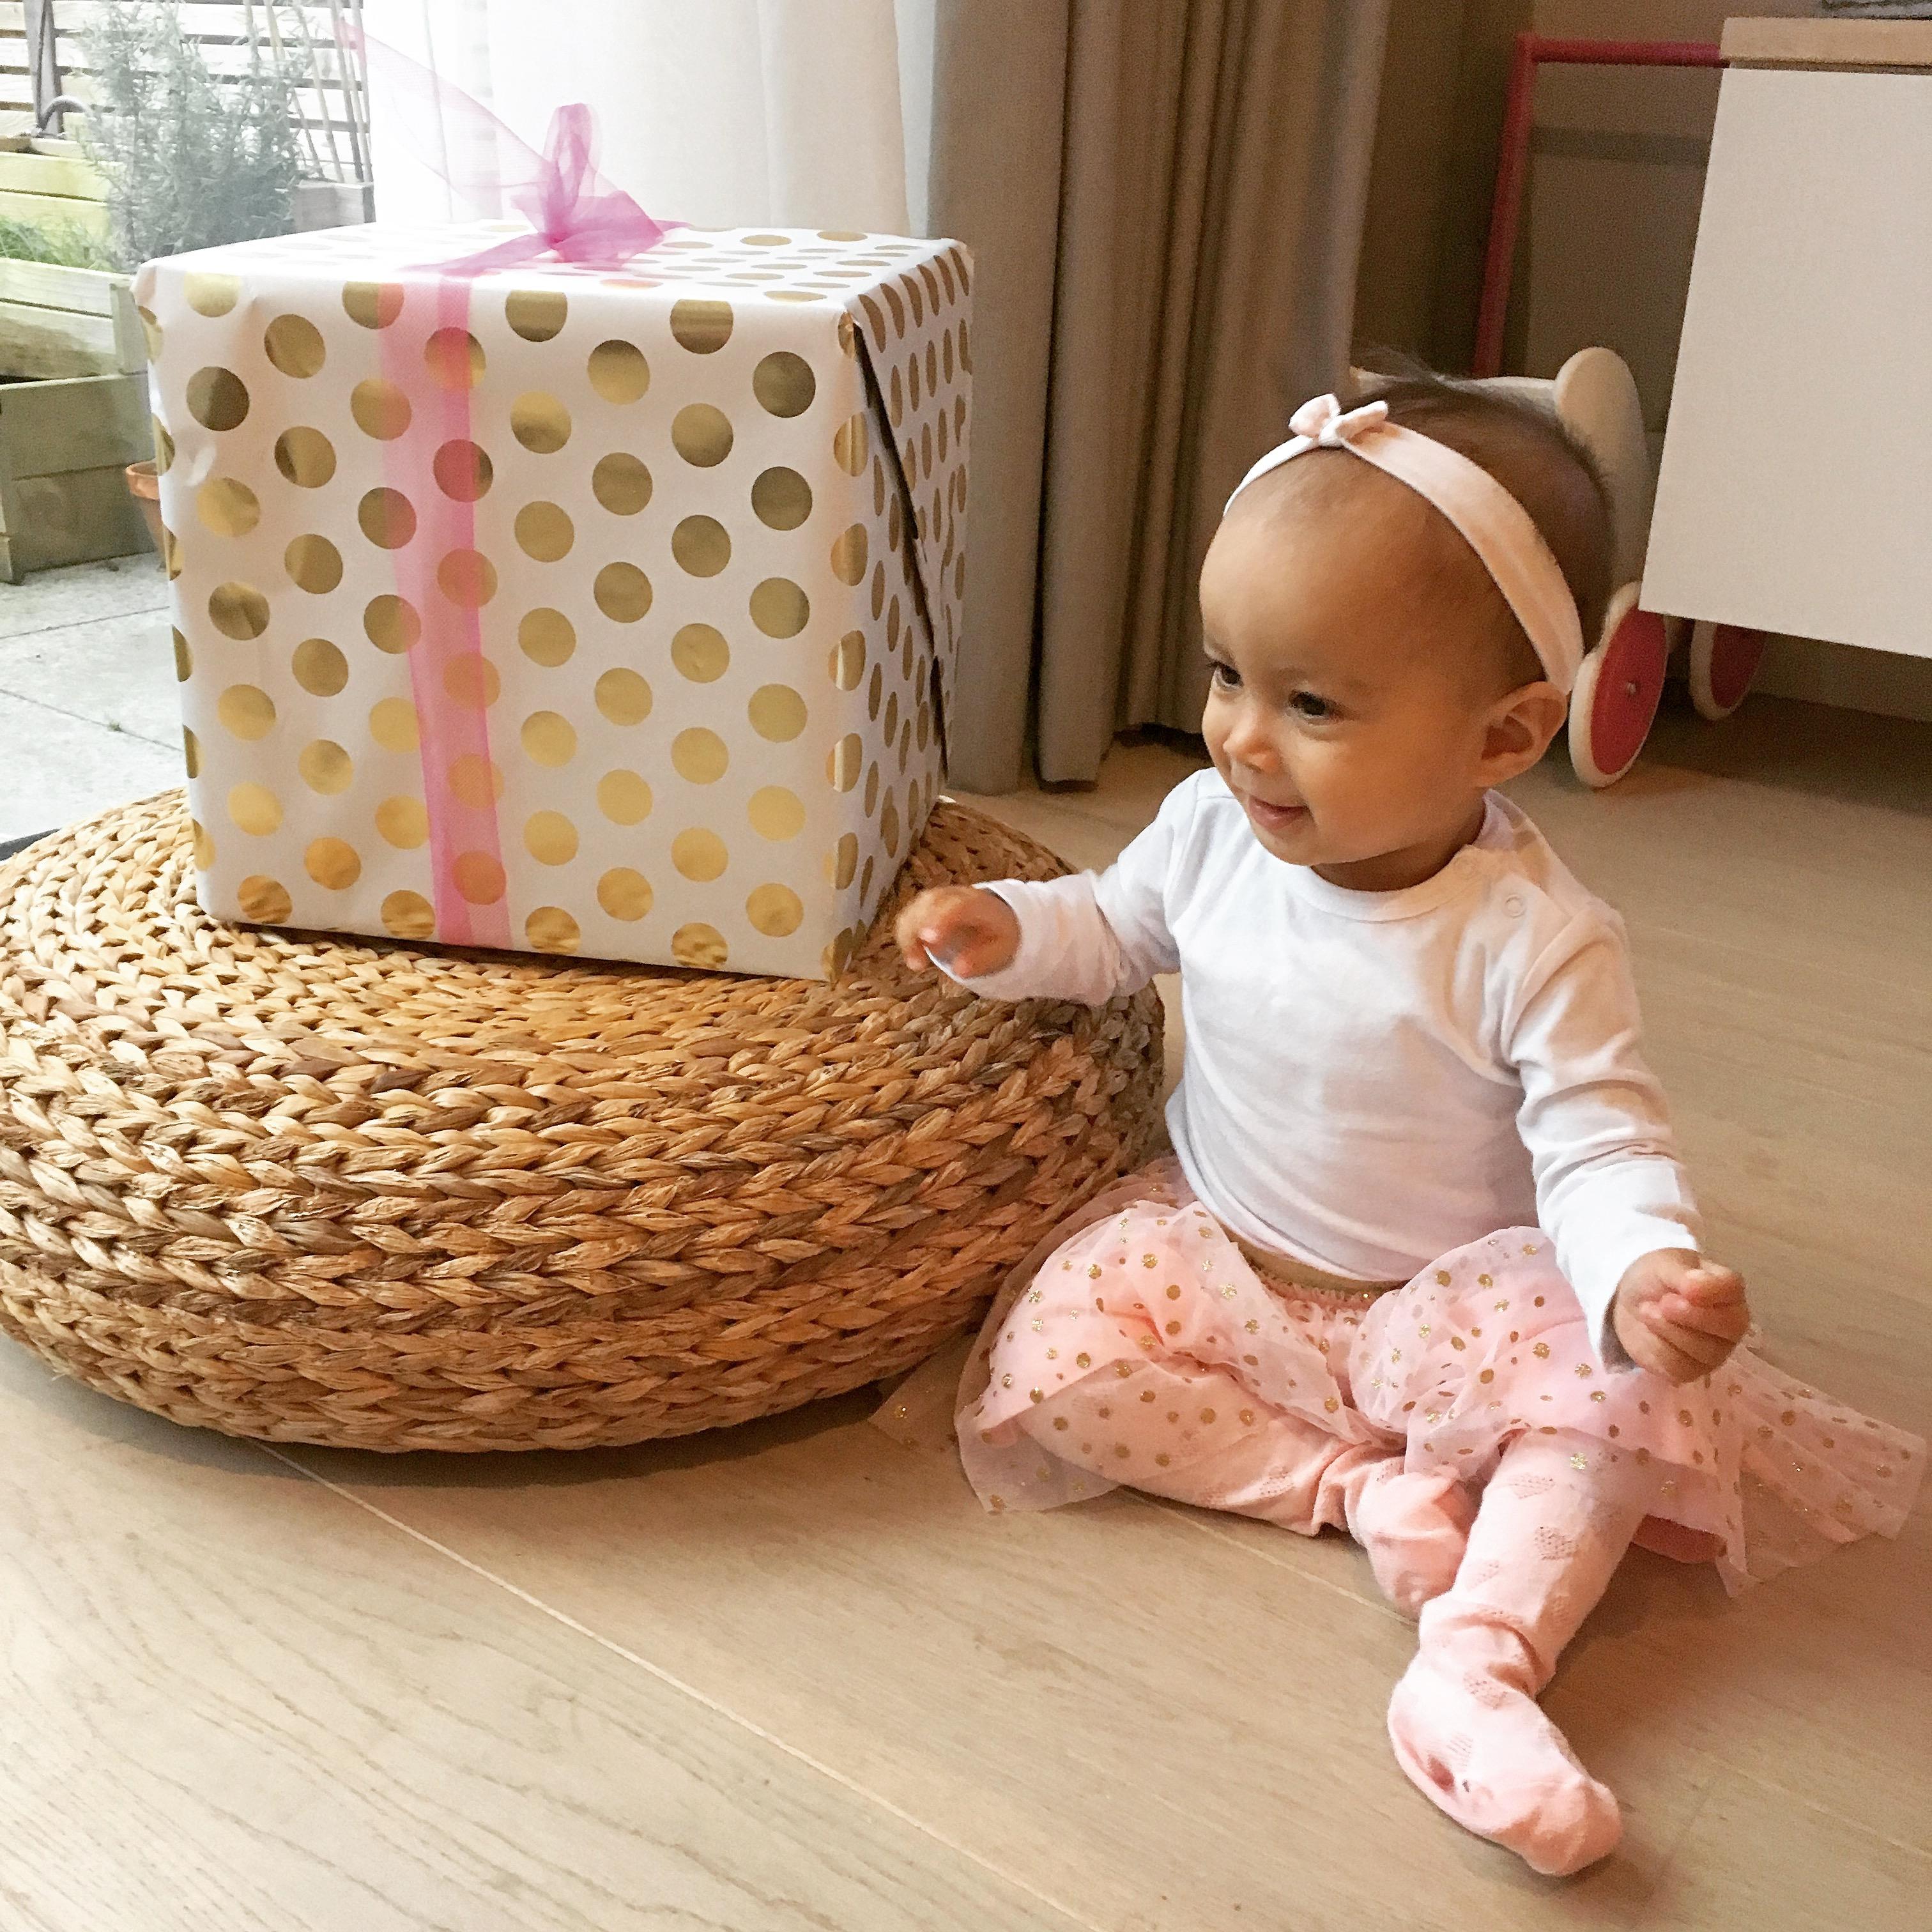 Eerste verjaardag kind baby meisje feest cadeau roze goud